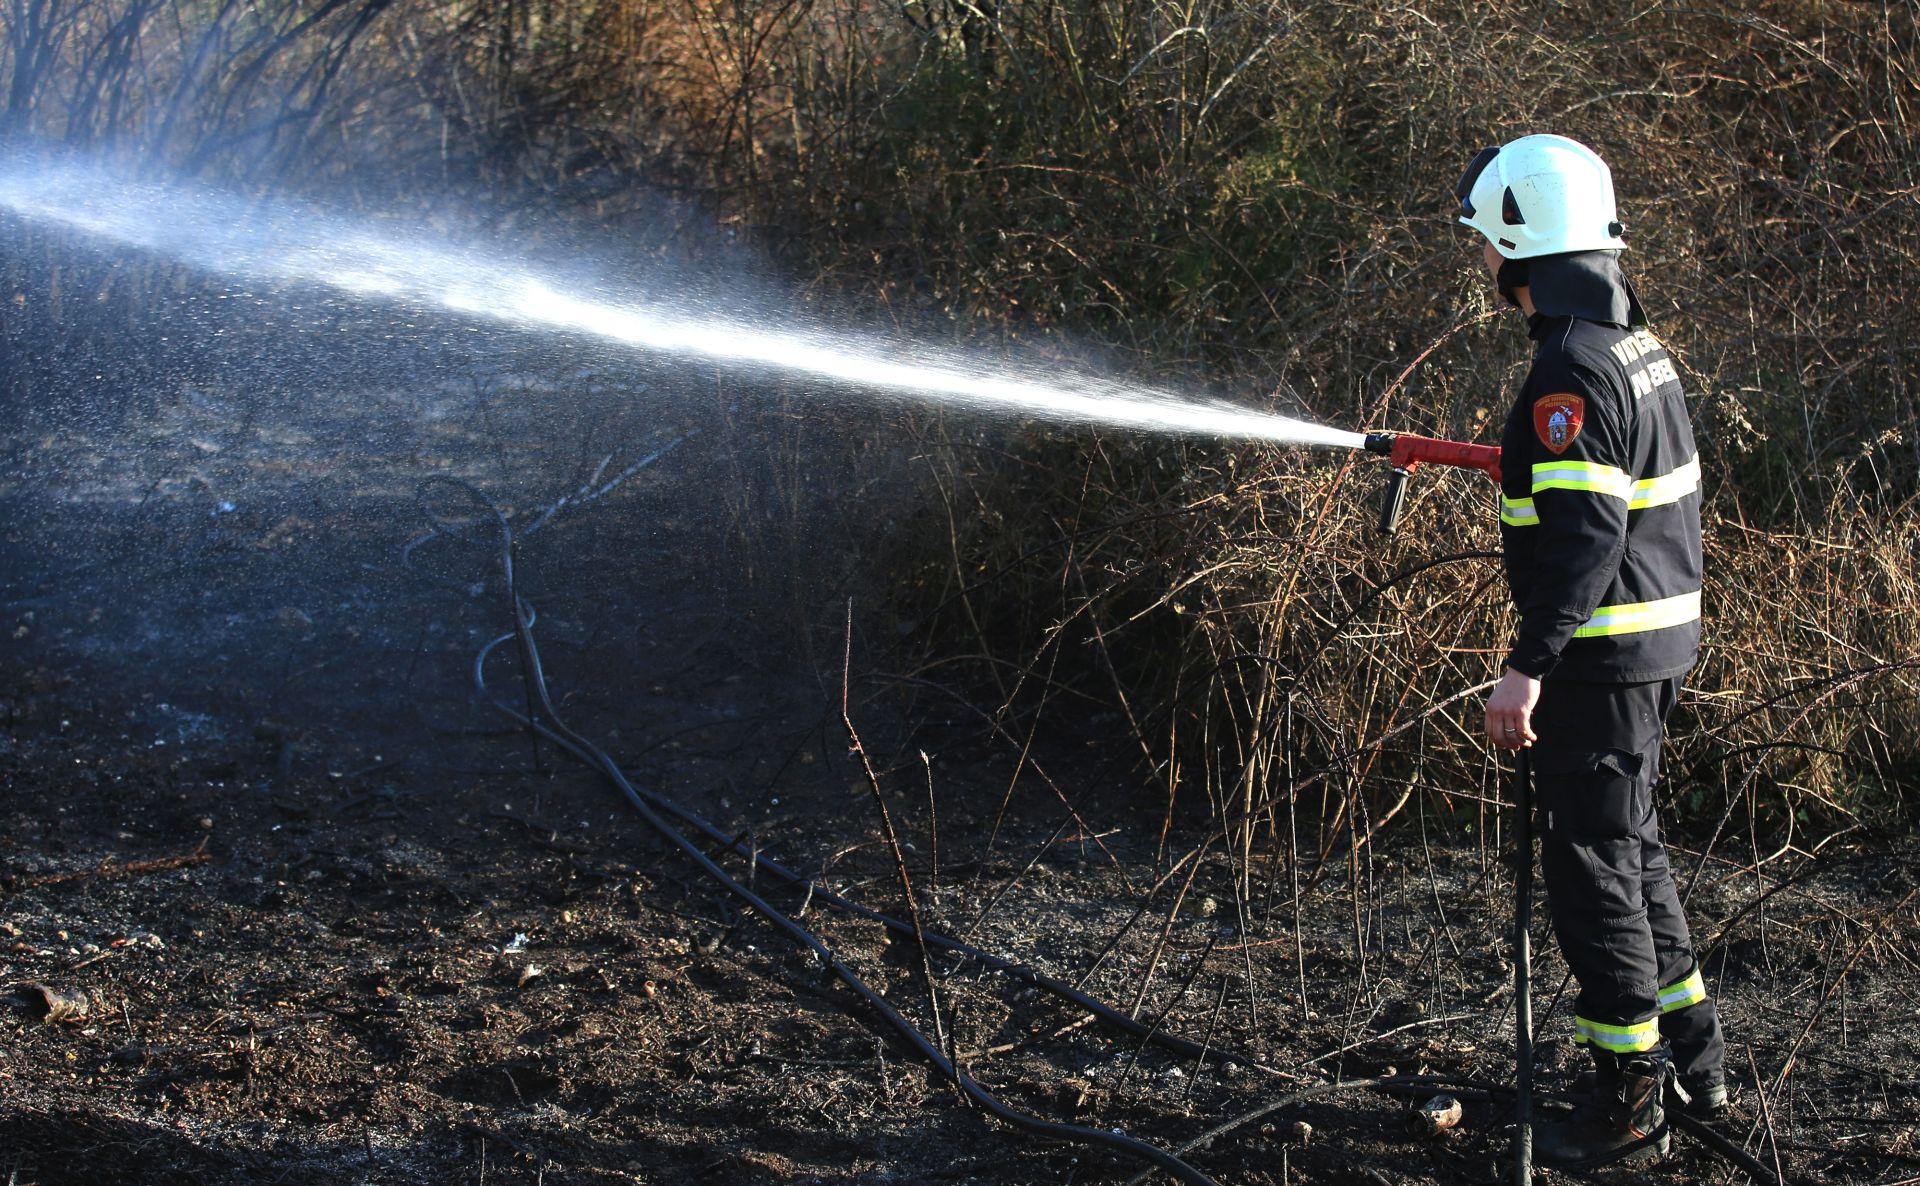 U požaru između Ciste Provo i Ciste Velike izgorjelo 60 hektara borove šume